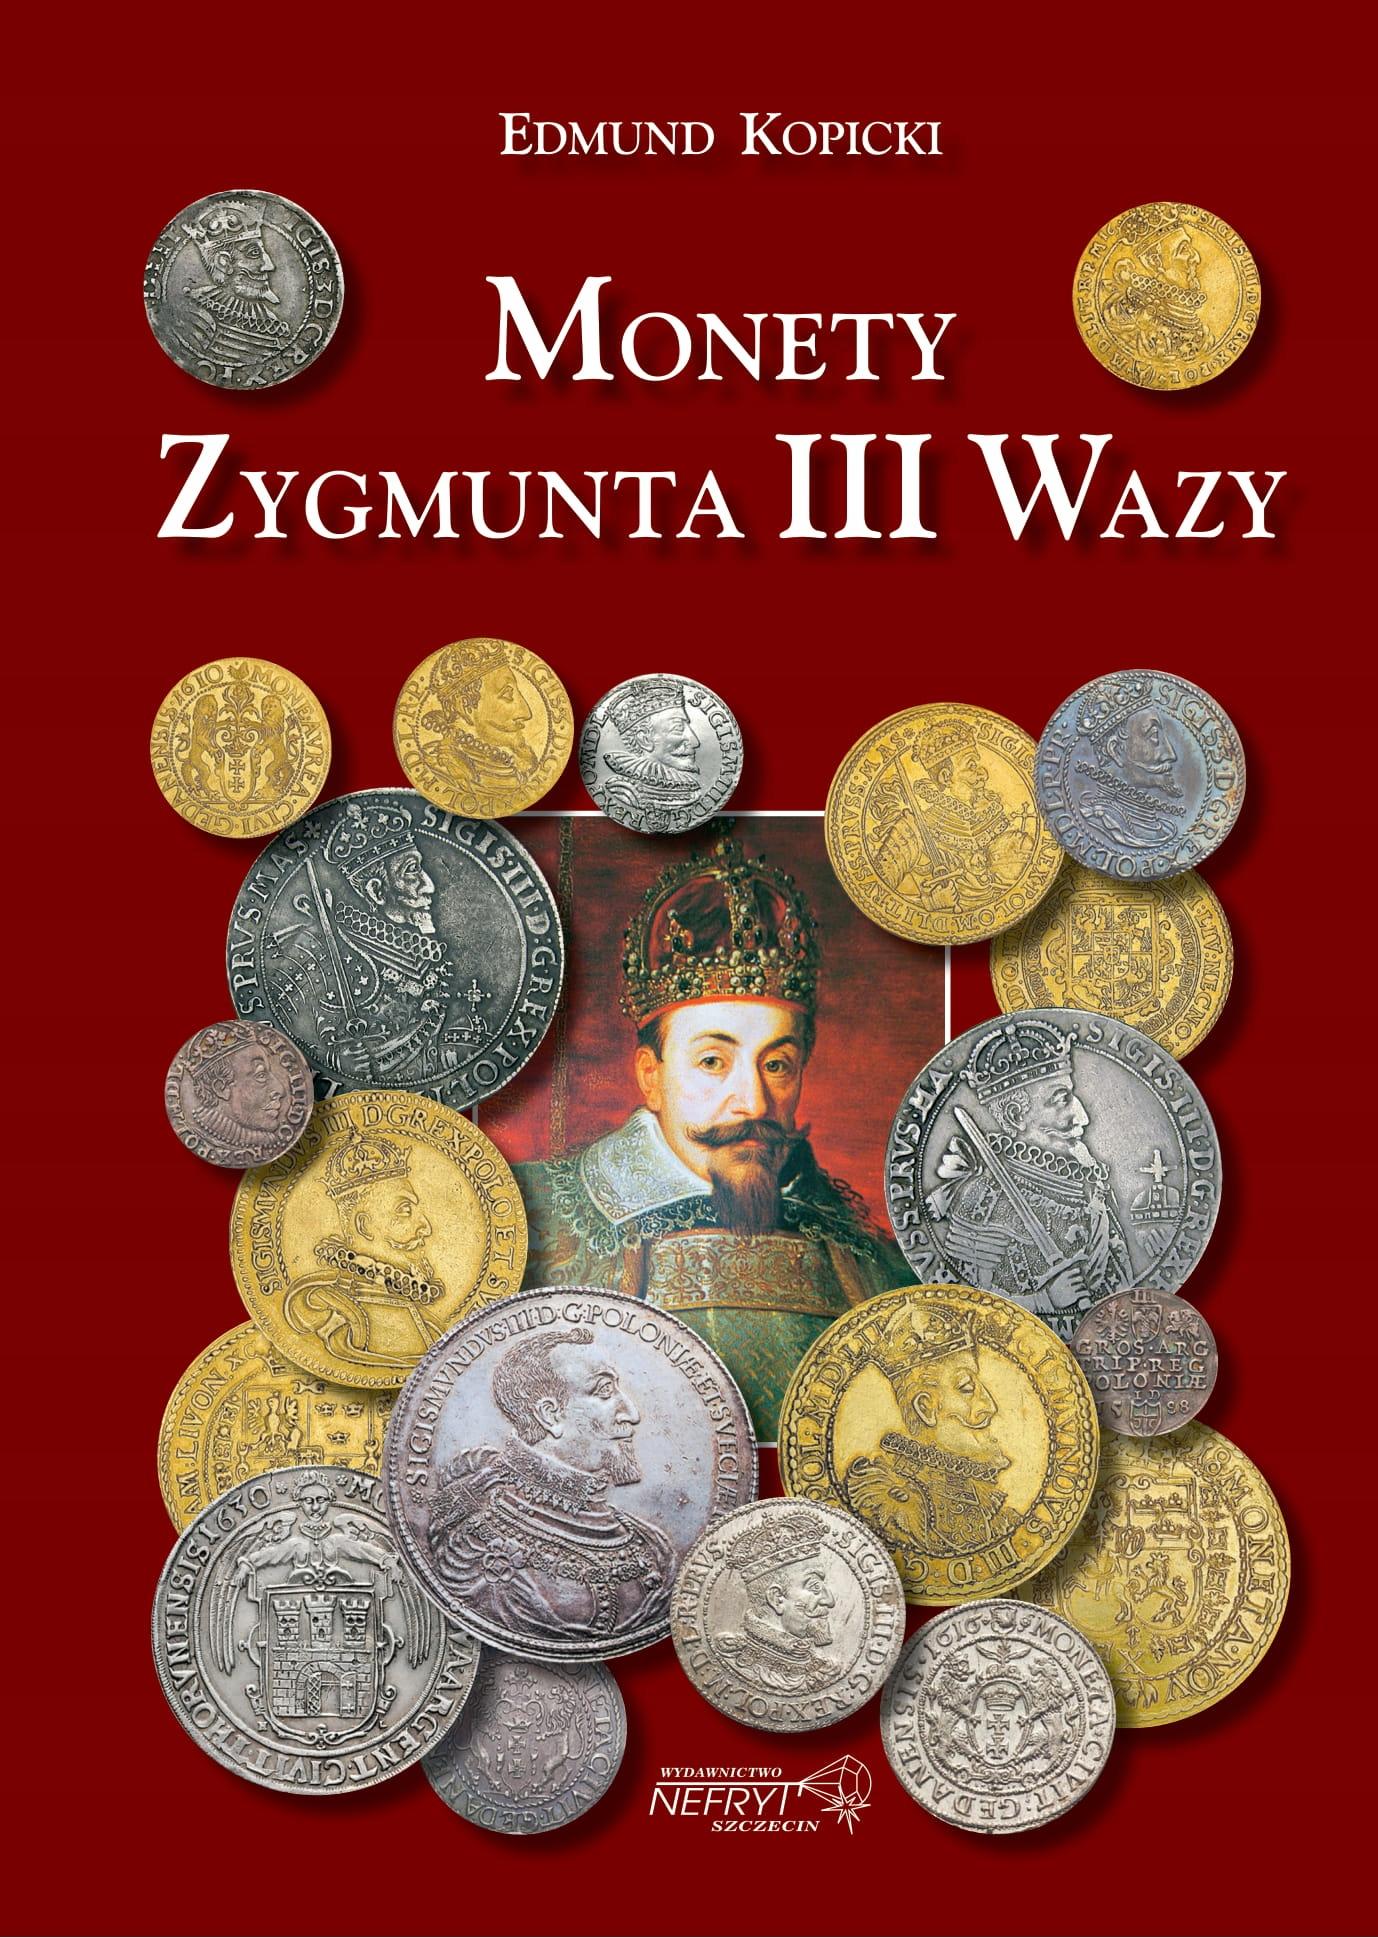 Эдмунд Копицки - Монеты Зигмунта III Вазы NEW